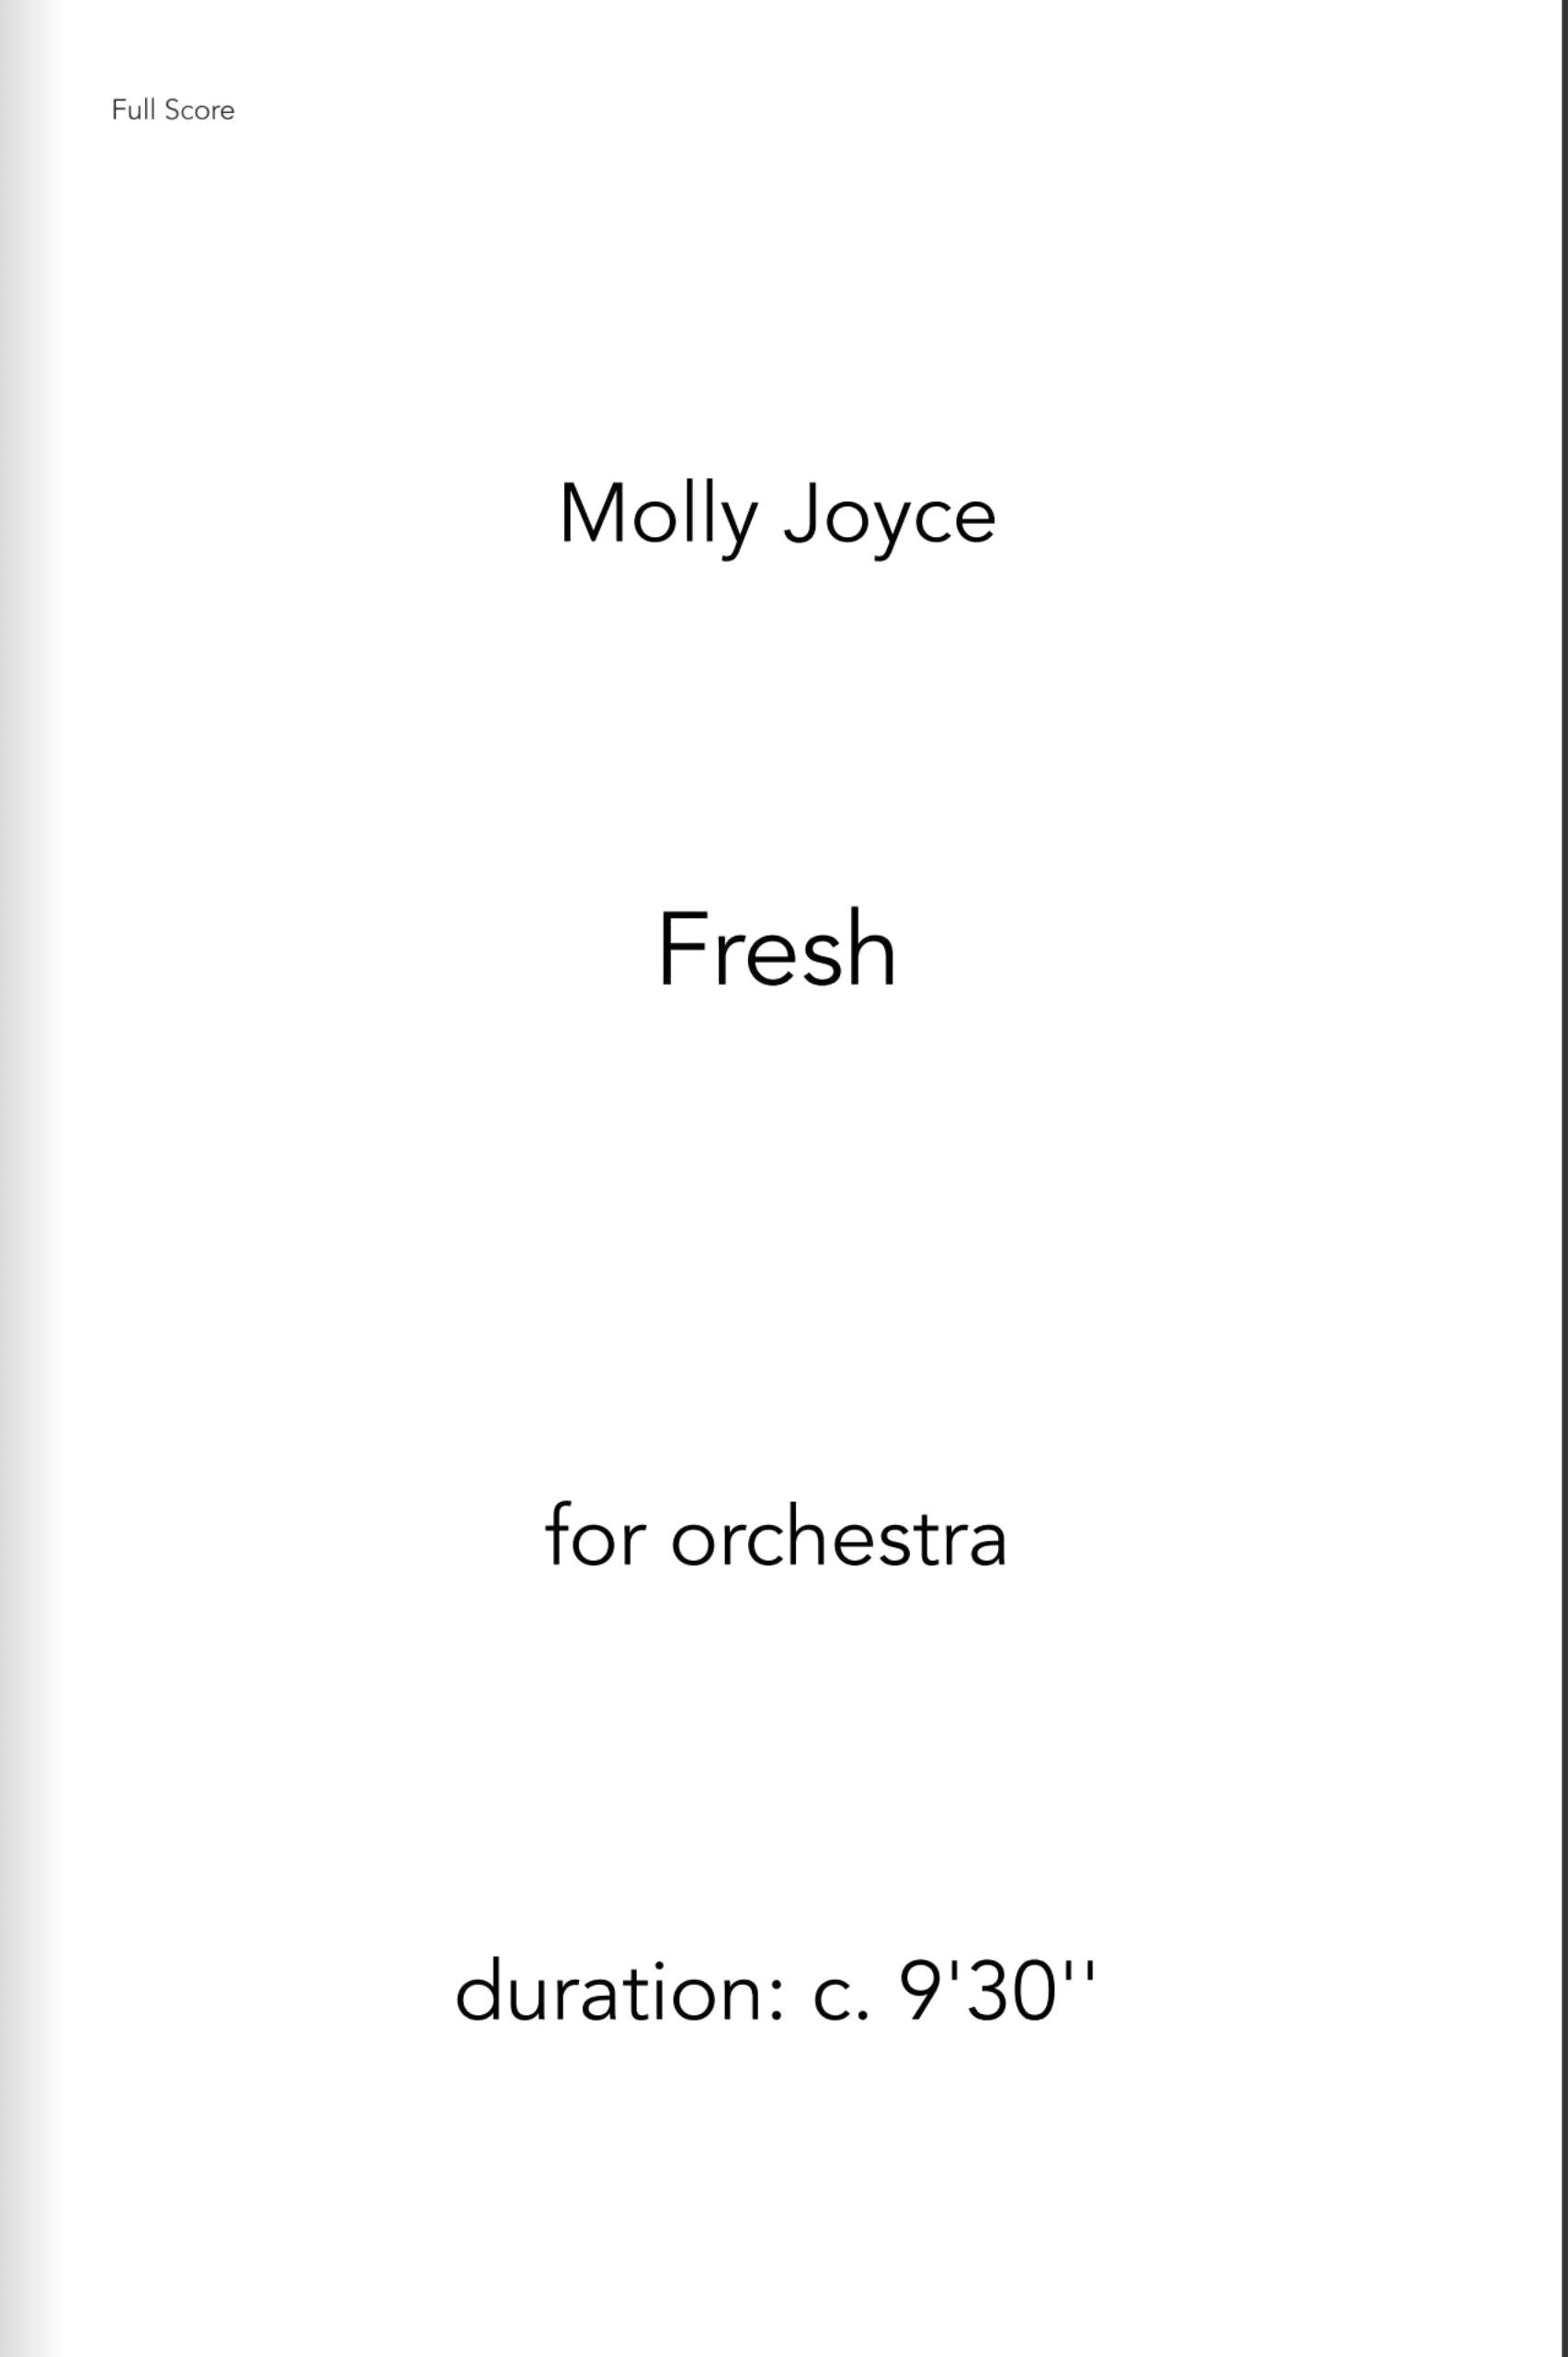 Fresh by Molly Joyce